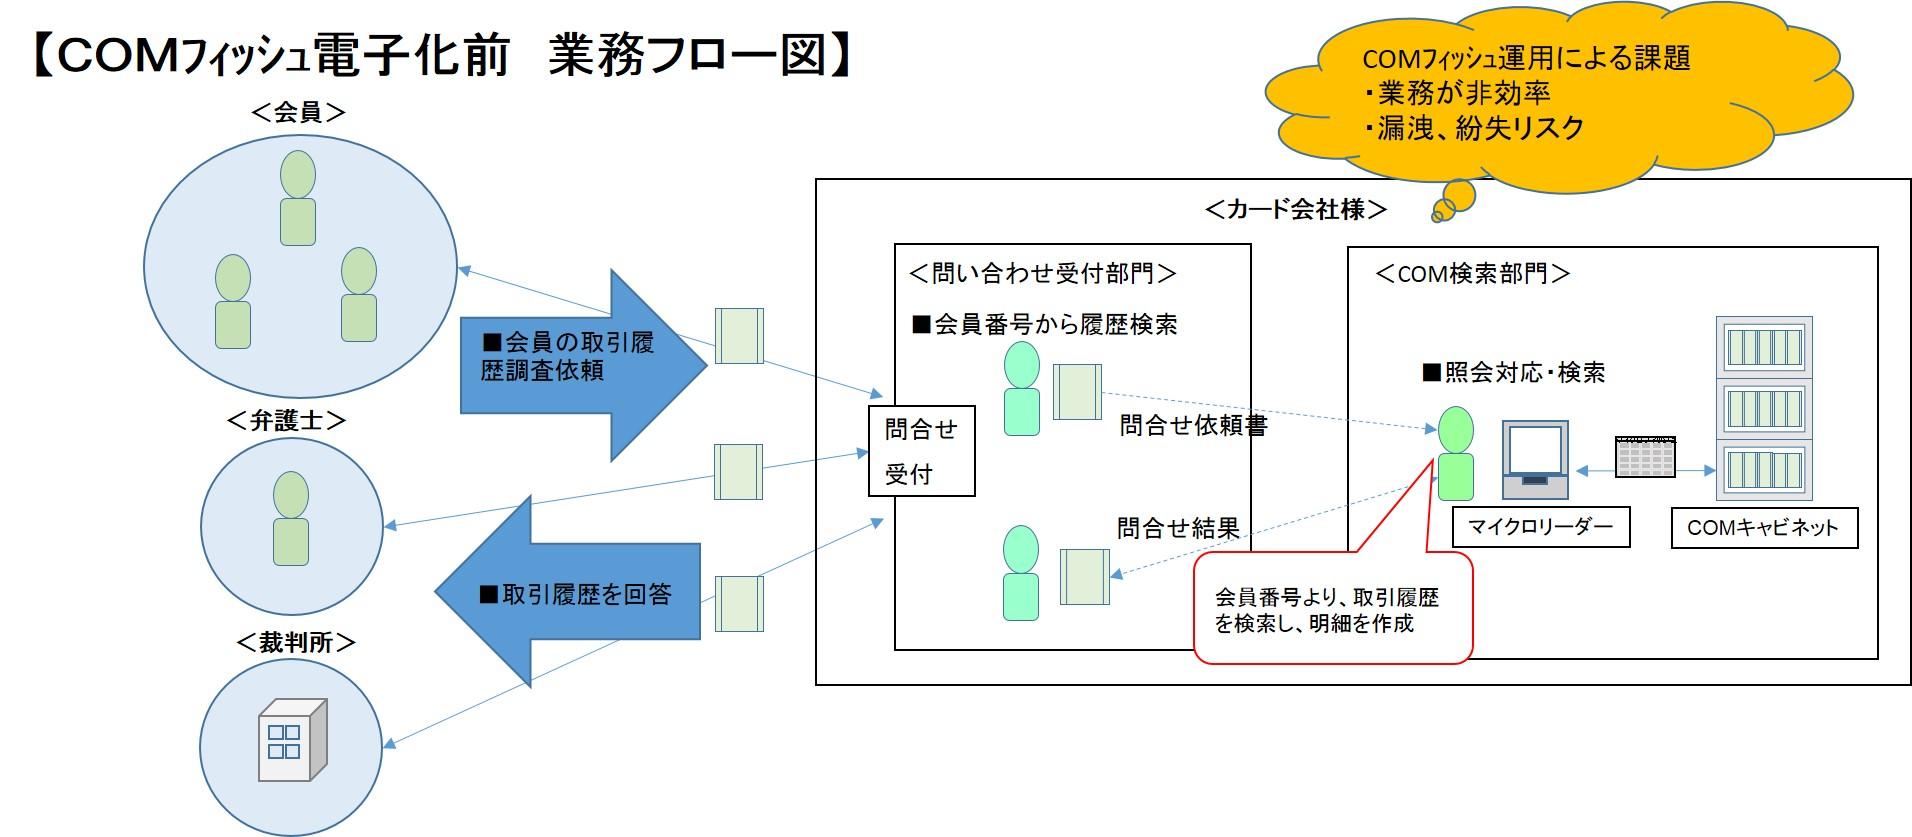 COM電子化前業務フロー